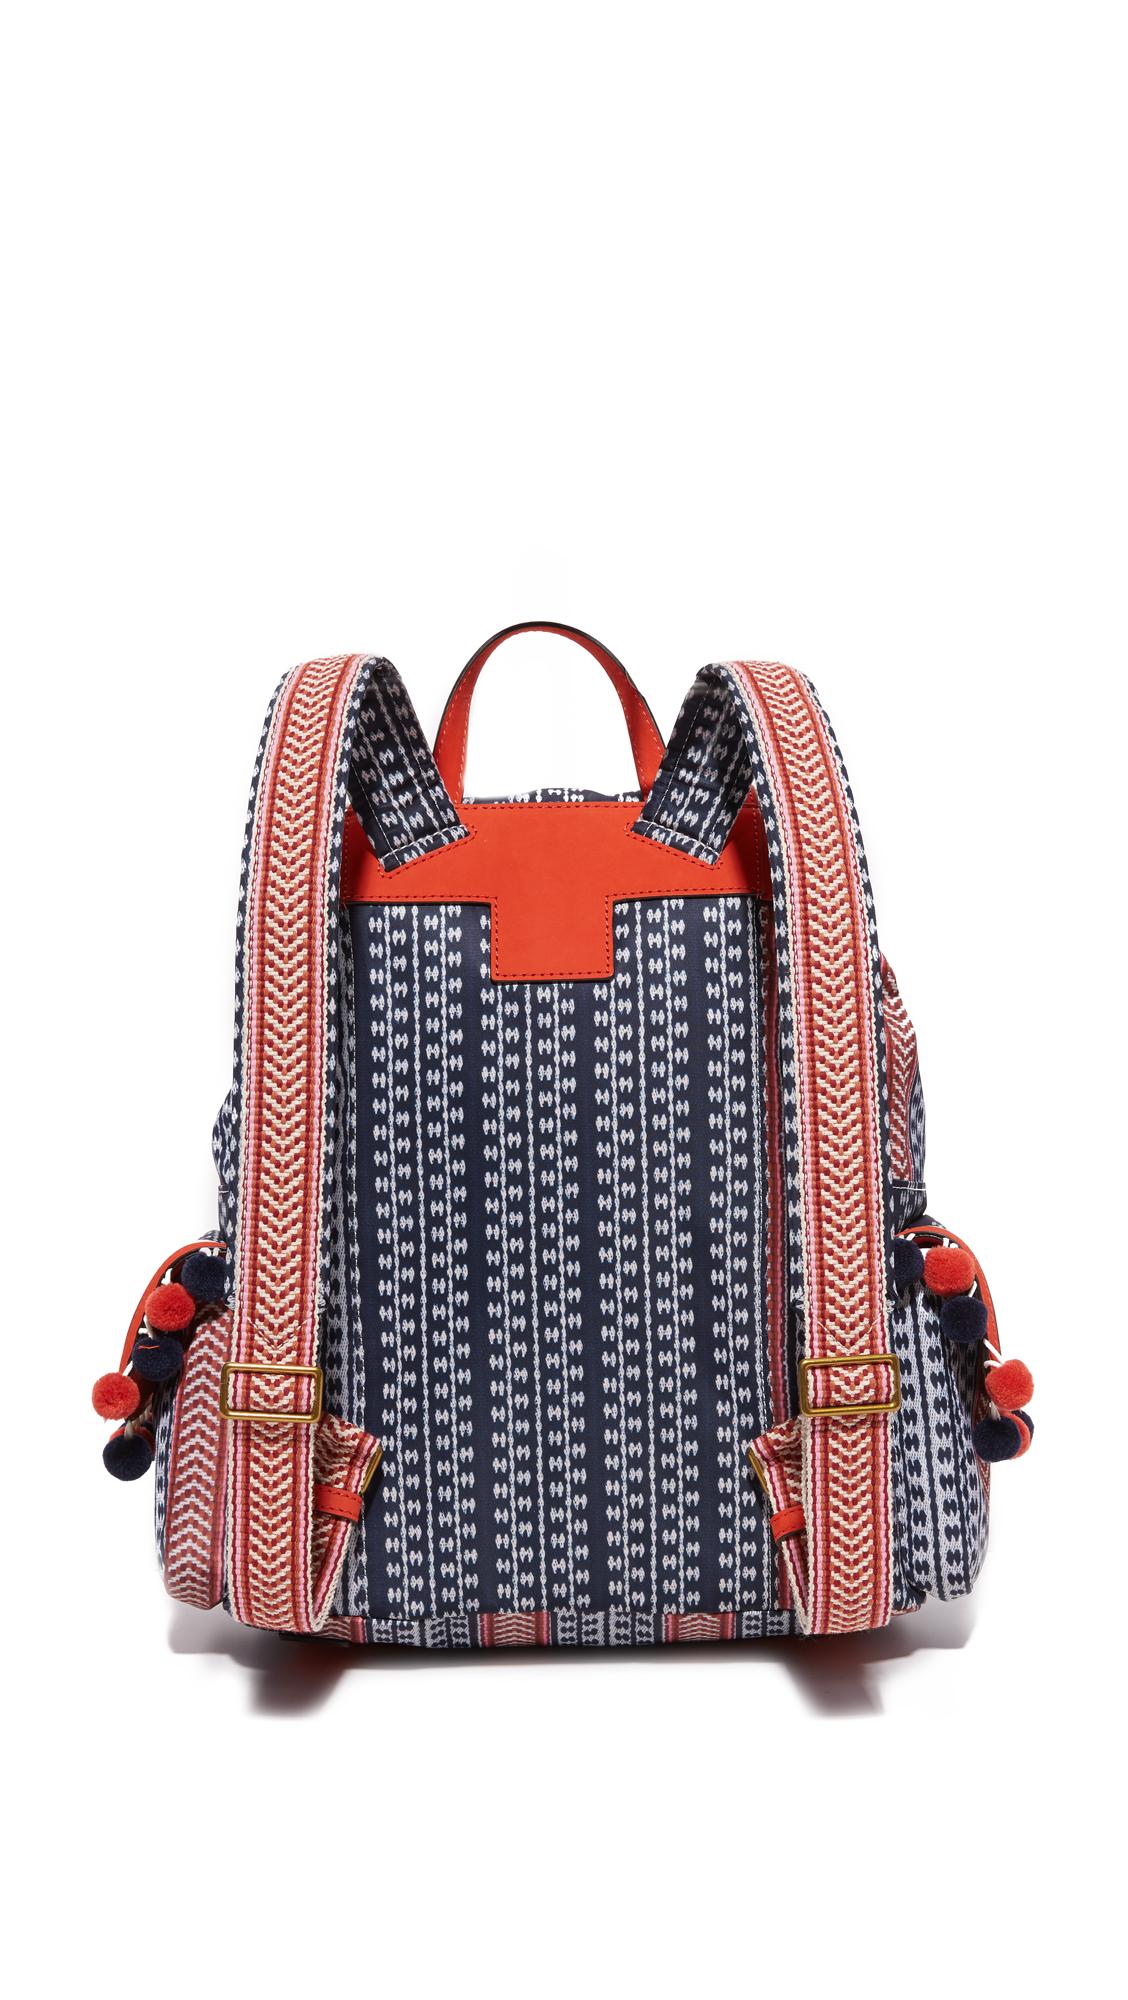 0eca3e98e2f9 Tory Burch Scout Nylon Pom Pom Backpack